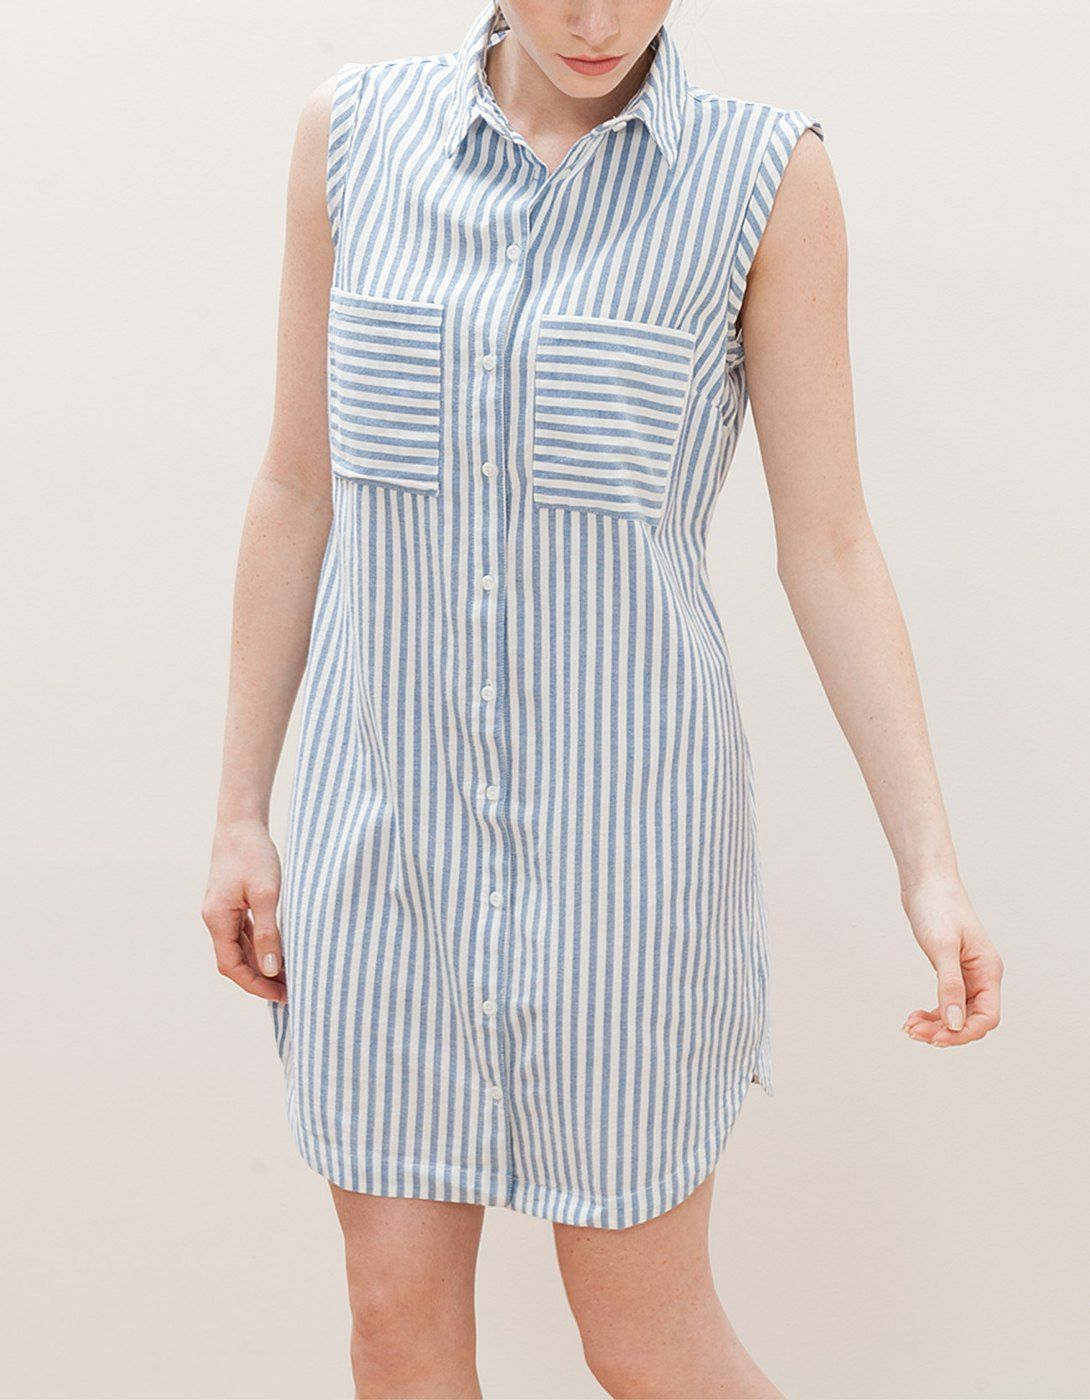 Vestido camisero | vestidos camiseros | Pinterest | Modelos de ...